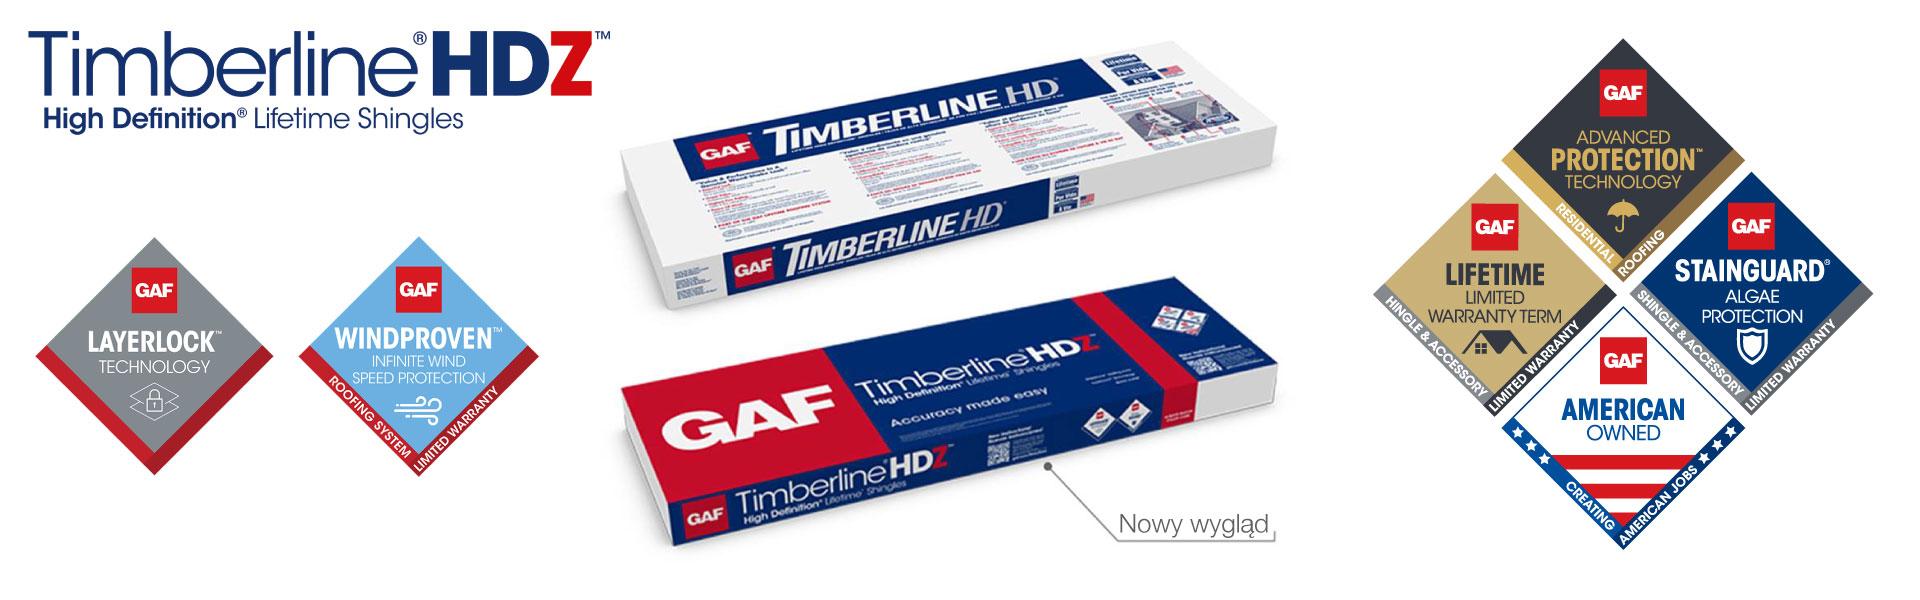 Nowość na 2020 rok gont bitumiczny timberline hd zmienia się w gont timberline hdz otrzymując nowe opakowanie i wiele technologicznych ulepszeń